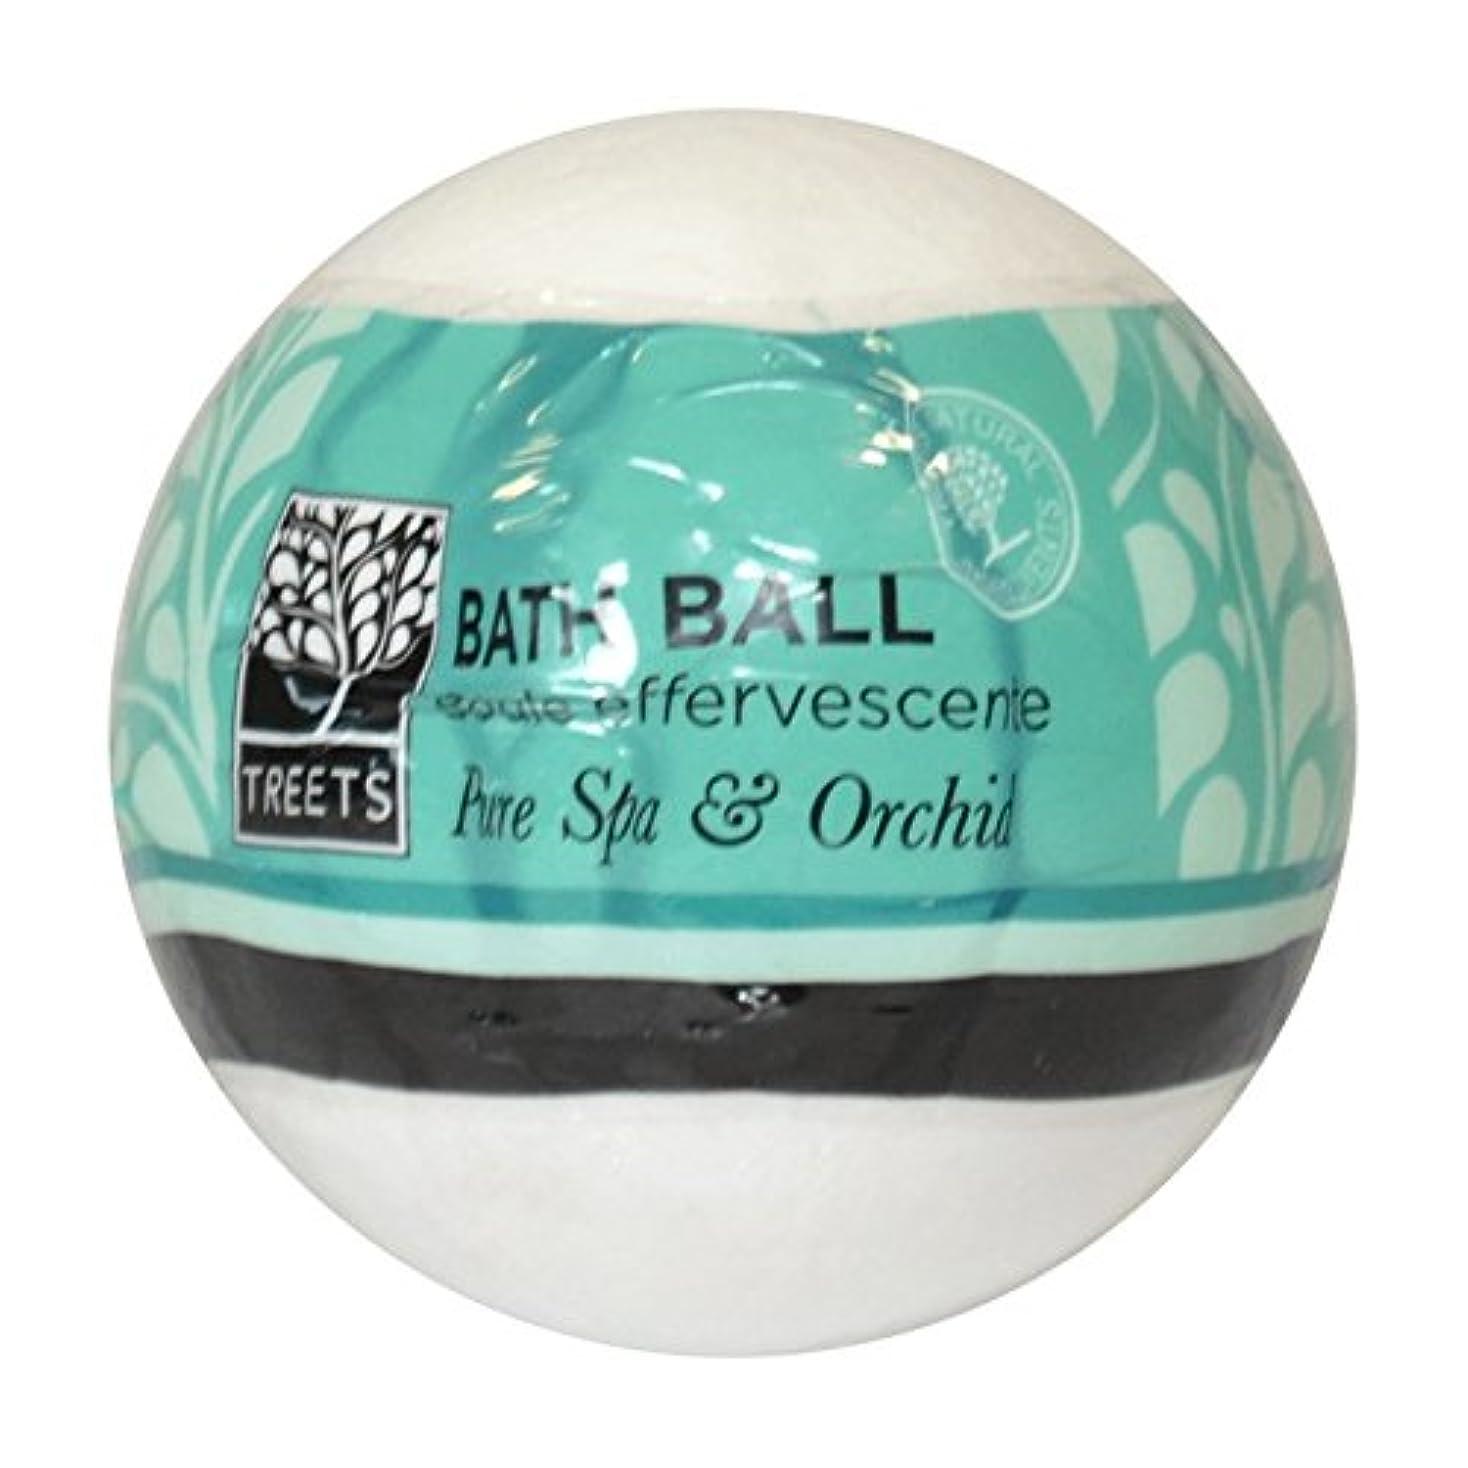 乗って教育者Treets Orchid & Pure Spa Bath Ball (Pack of 2) - Treets蘭&純粋なスパバスボール (x2) [並行輸入品]